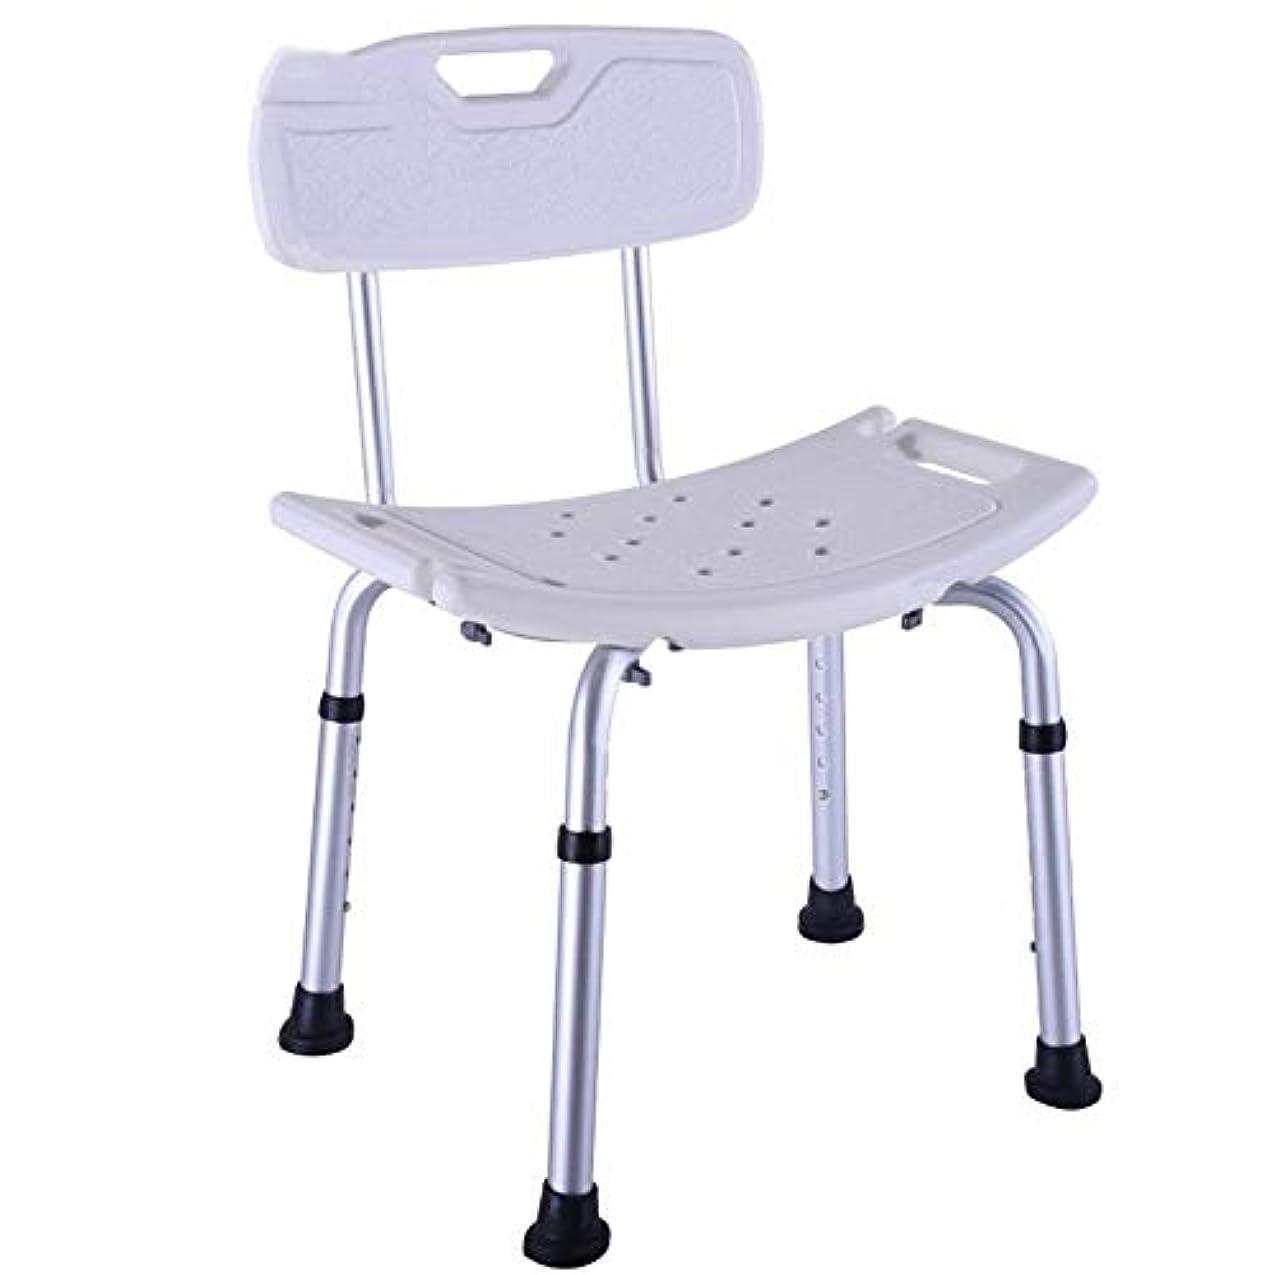 ミキサー晩ごはん強調する高齢者のための調節可能な高さのシャワーチェア